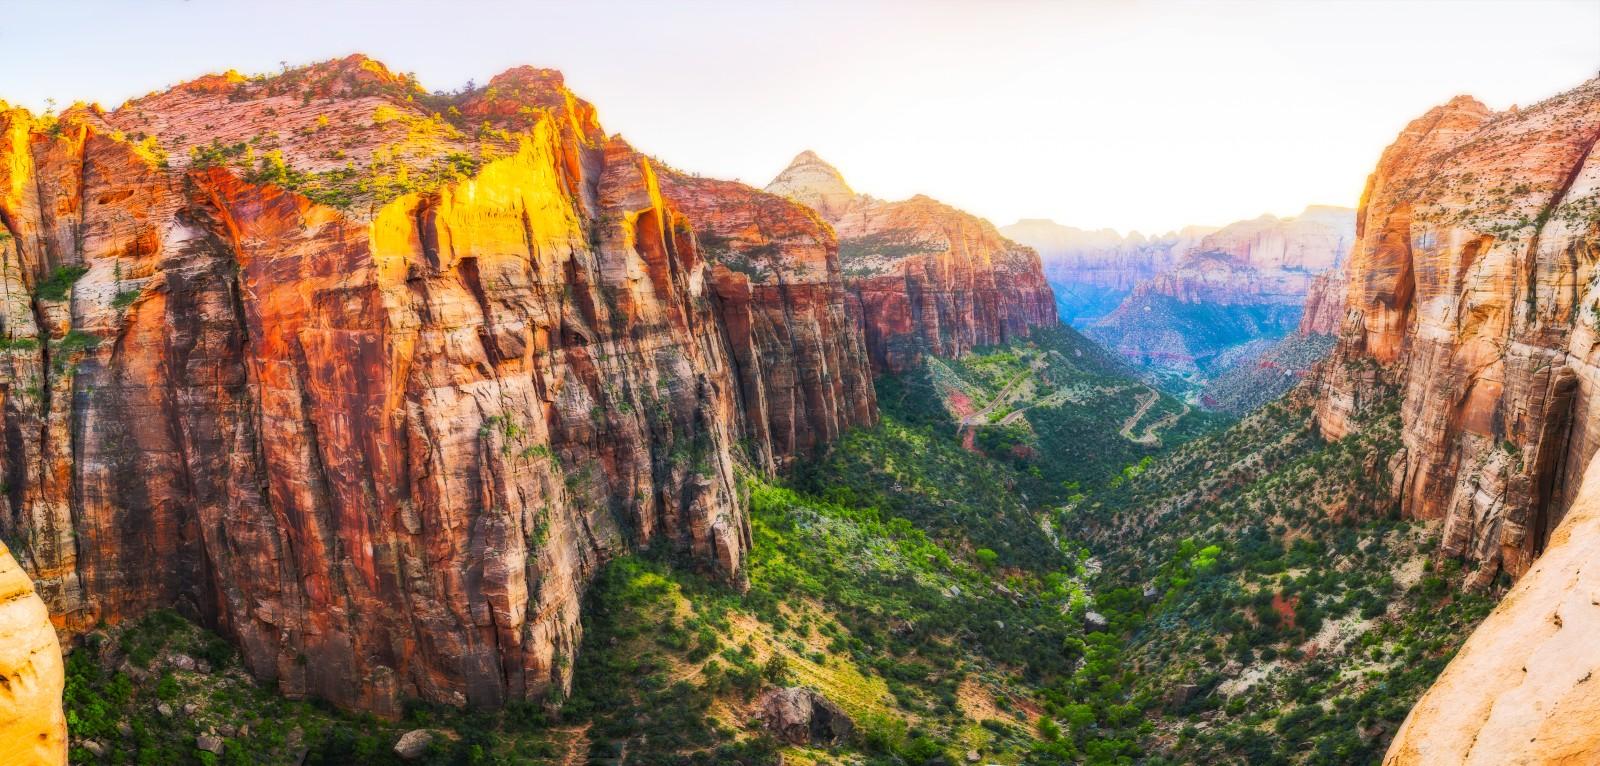 Die Nationalparks in den USA sind einfach einzigartig und bieten atemberaubende Ausblicke über eine Landschaft, die ihresgleichen sucht.